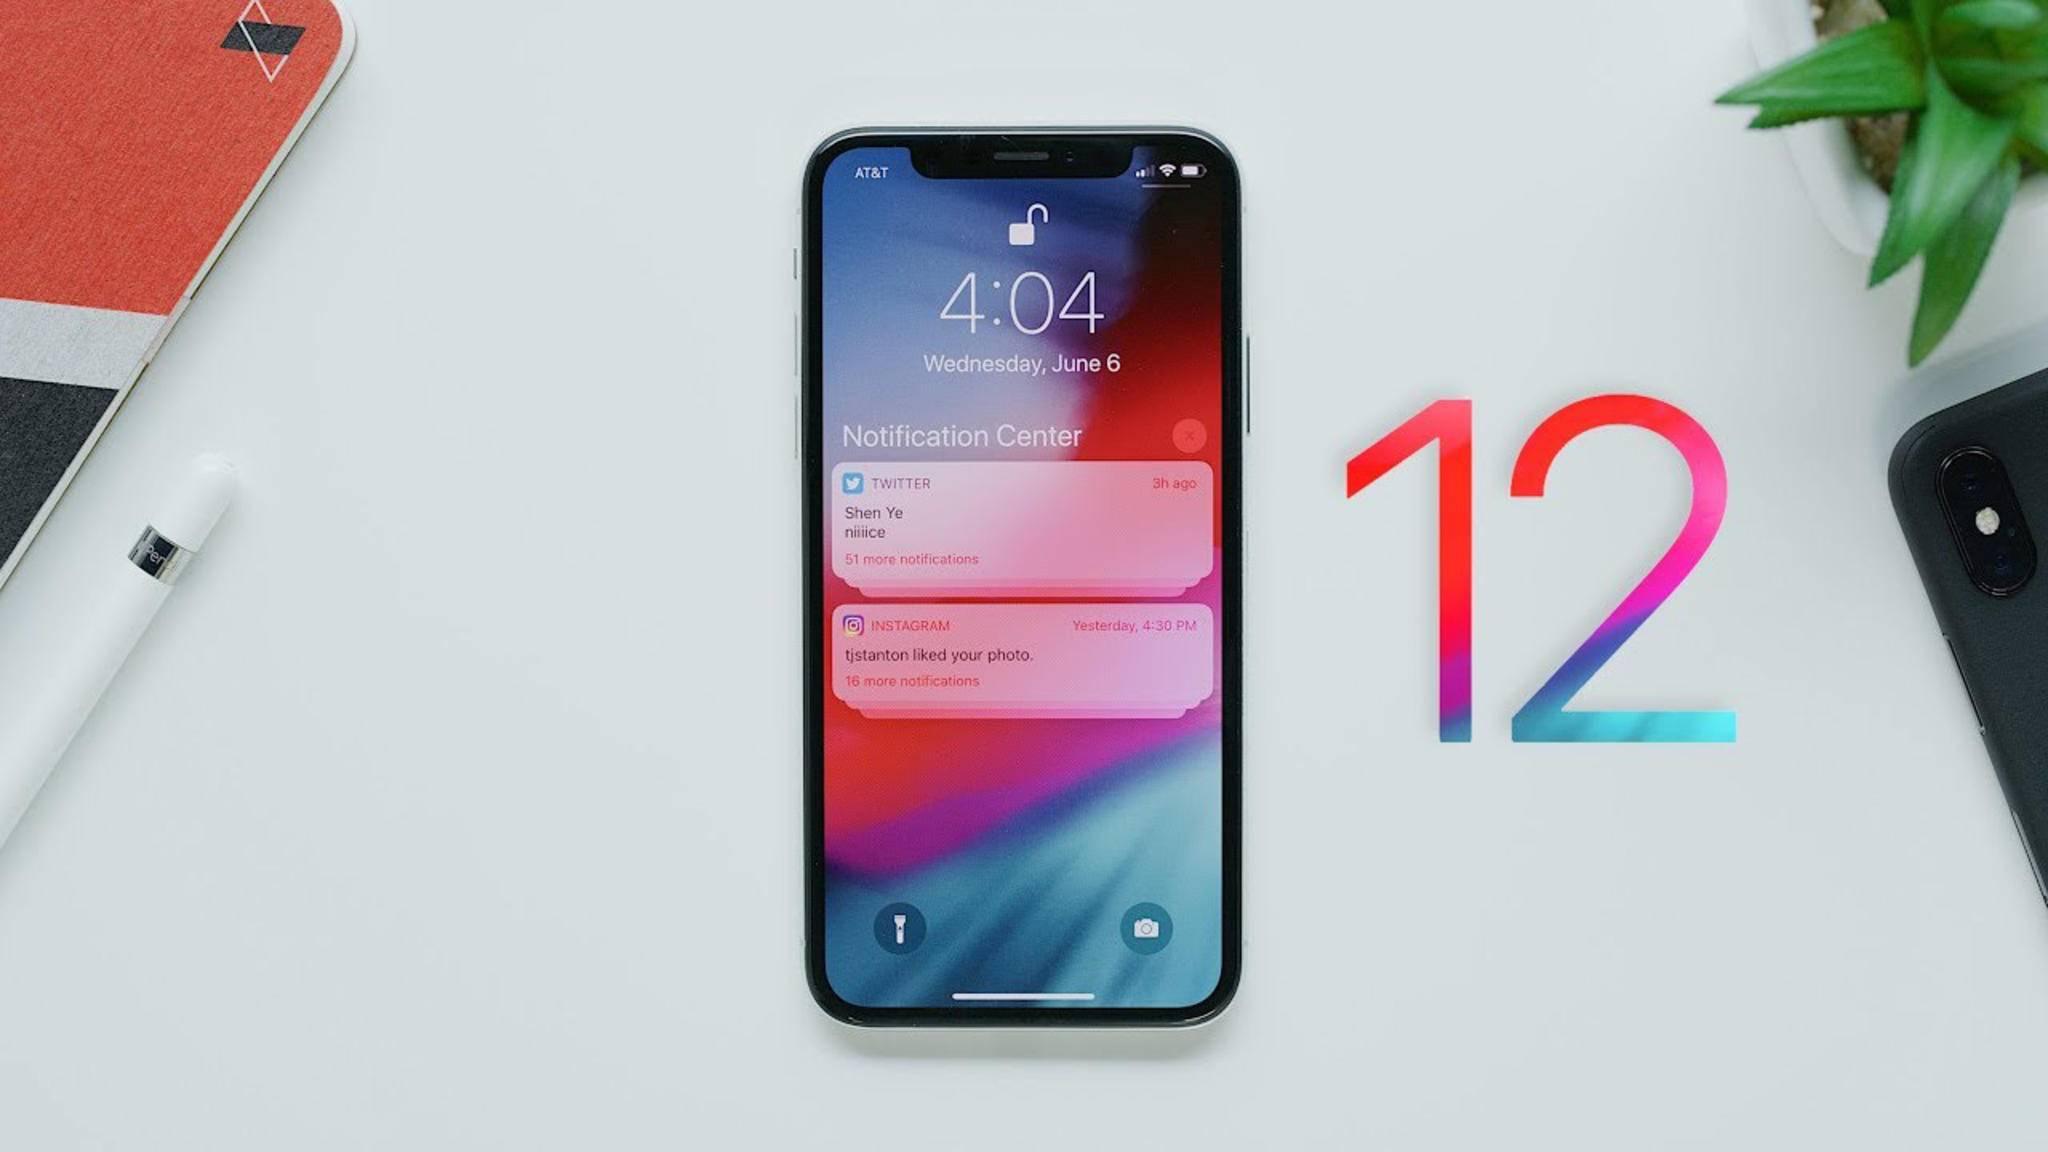 Anfang der Woche enthüllte Apple die neuen Features von iOS 12.